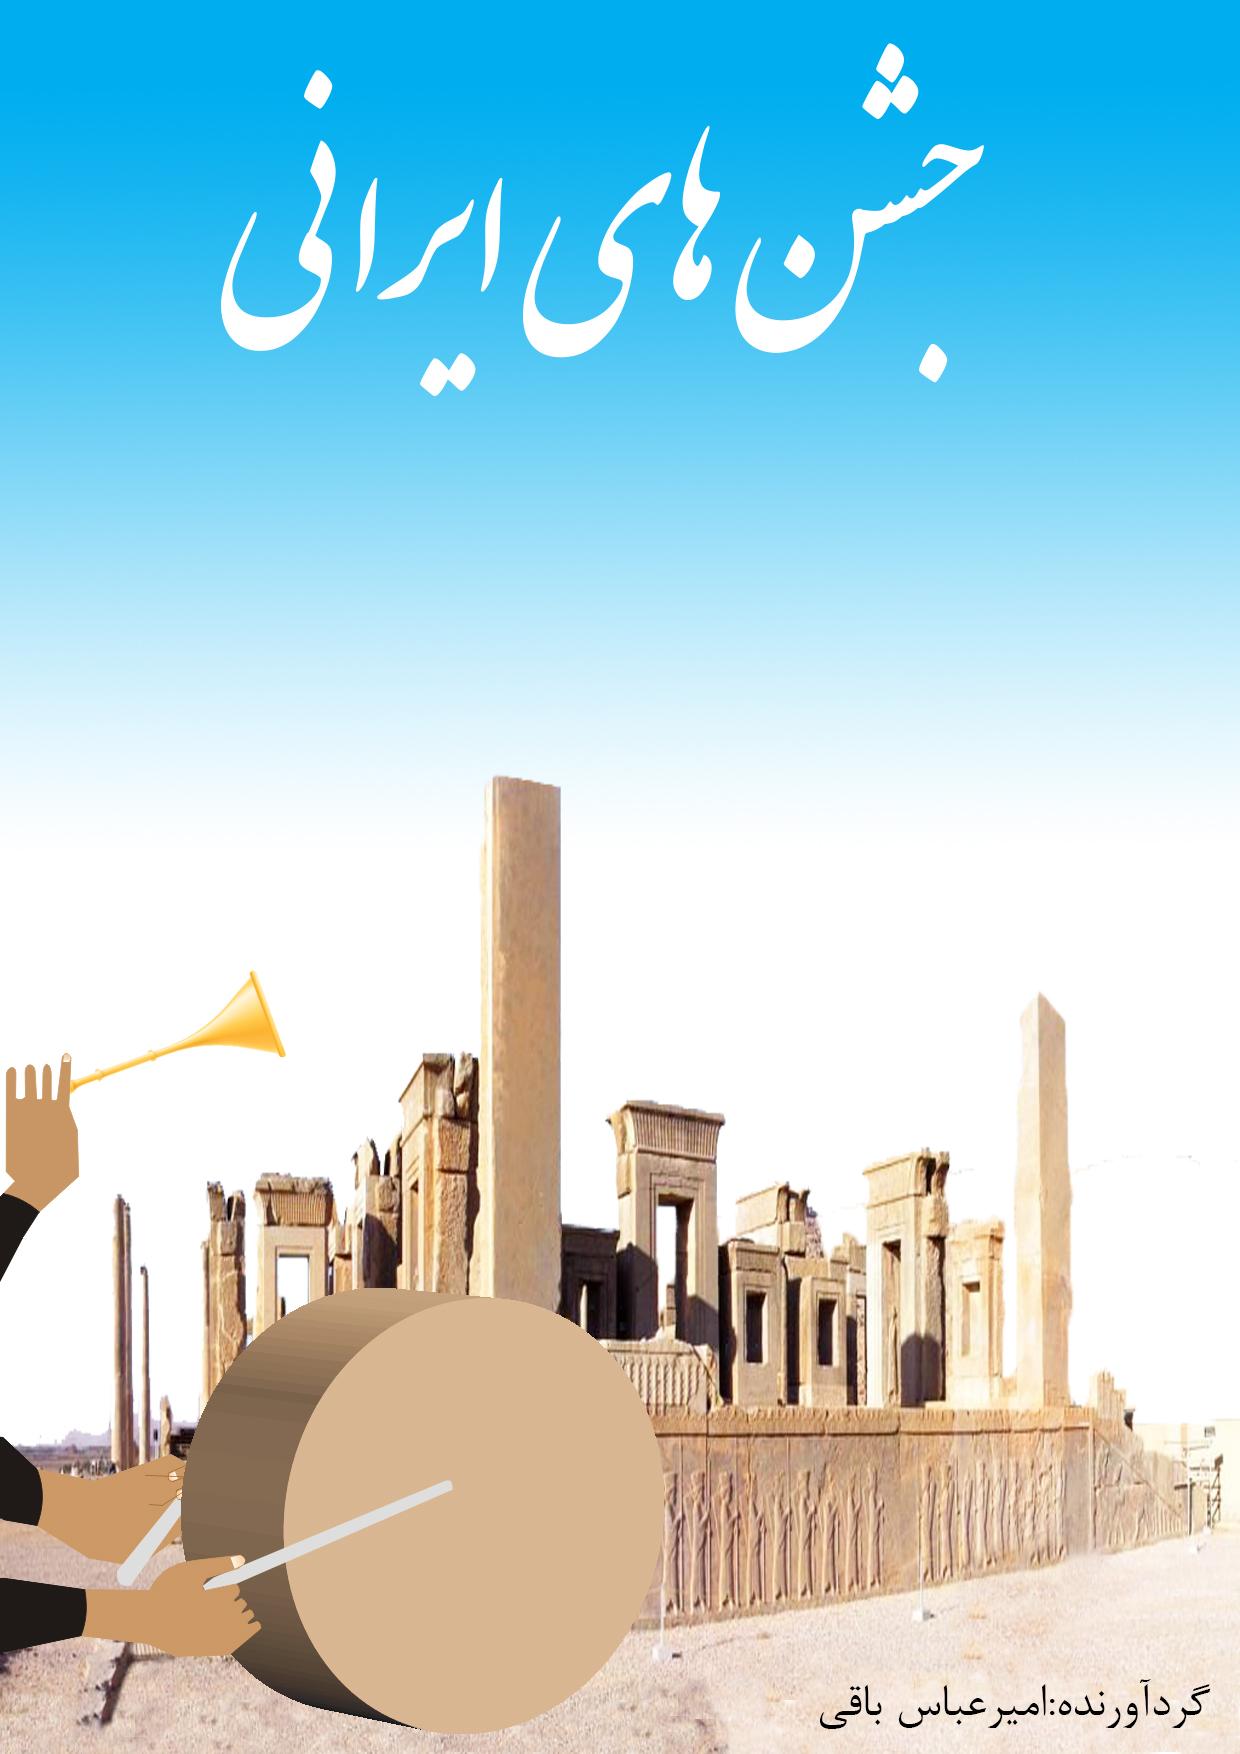 کتاب الکترونیکی(E-Book)جشن های ایرانی در مورد جشن های قدیمی ایرانی که اکنون از یاد رفته اند